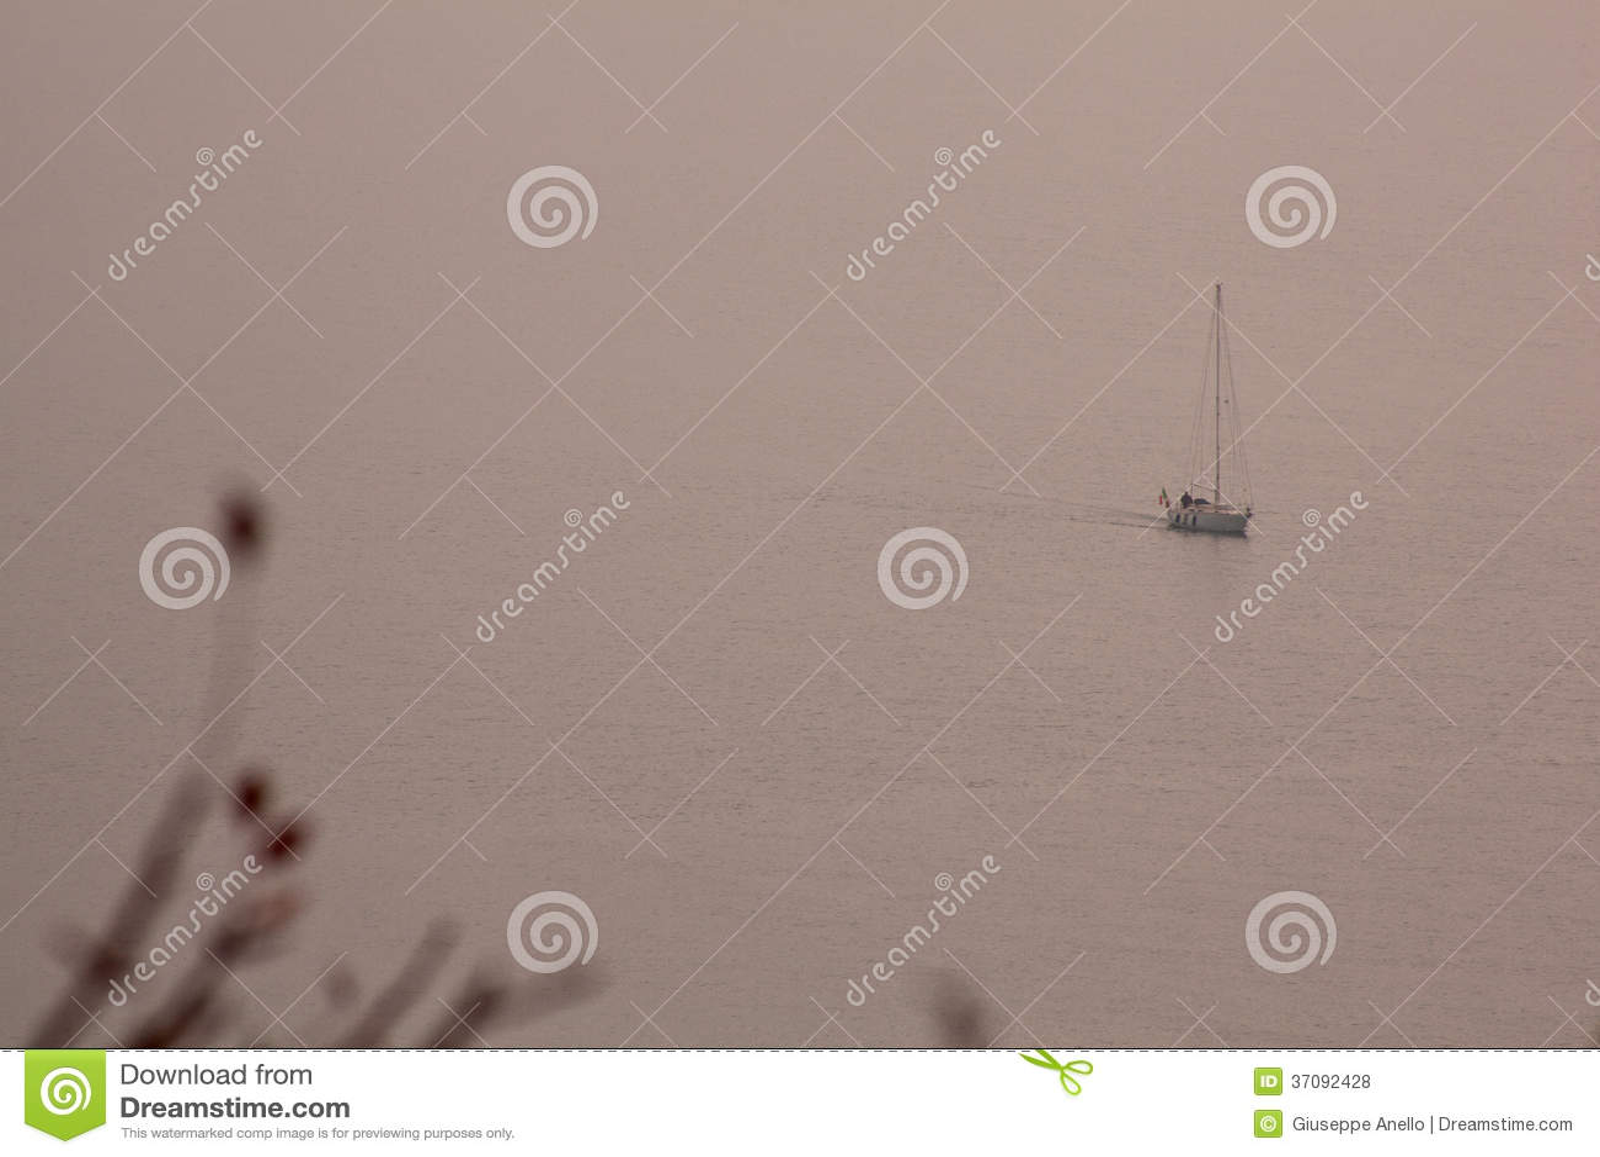 Download Łódź w morzu zdjęcie stock. Obraz złożonej z życie, pogoda - 37092428